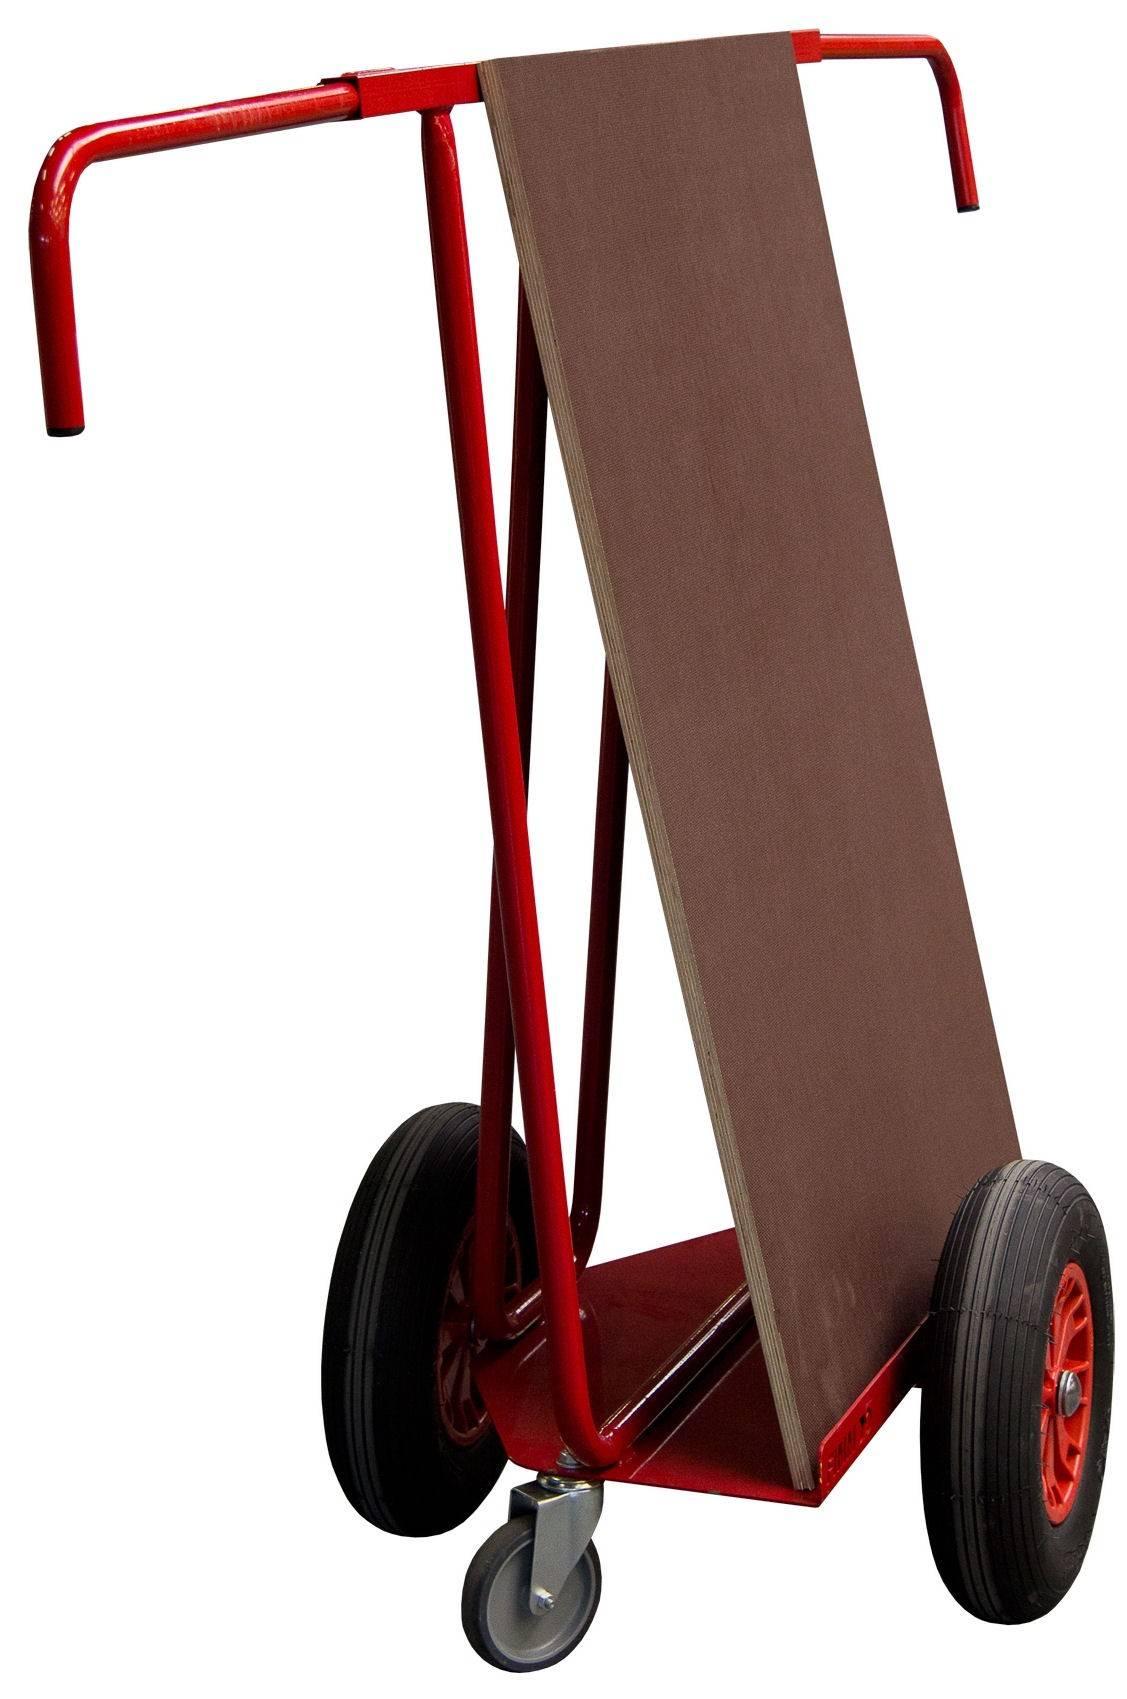 Chariot porte panneaux 400 kg roues pneumatiques 250 00 chez mdr - Chariot porte roue tracteur ...